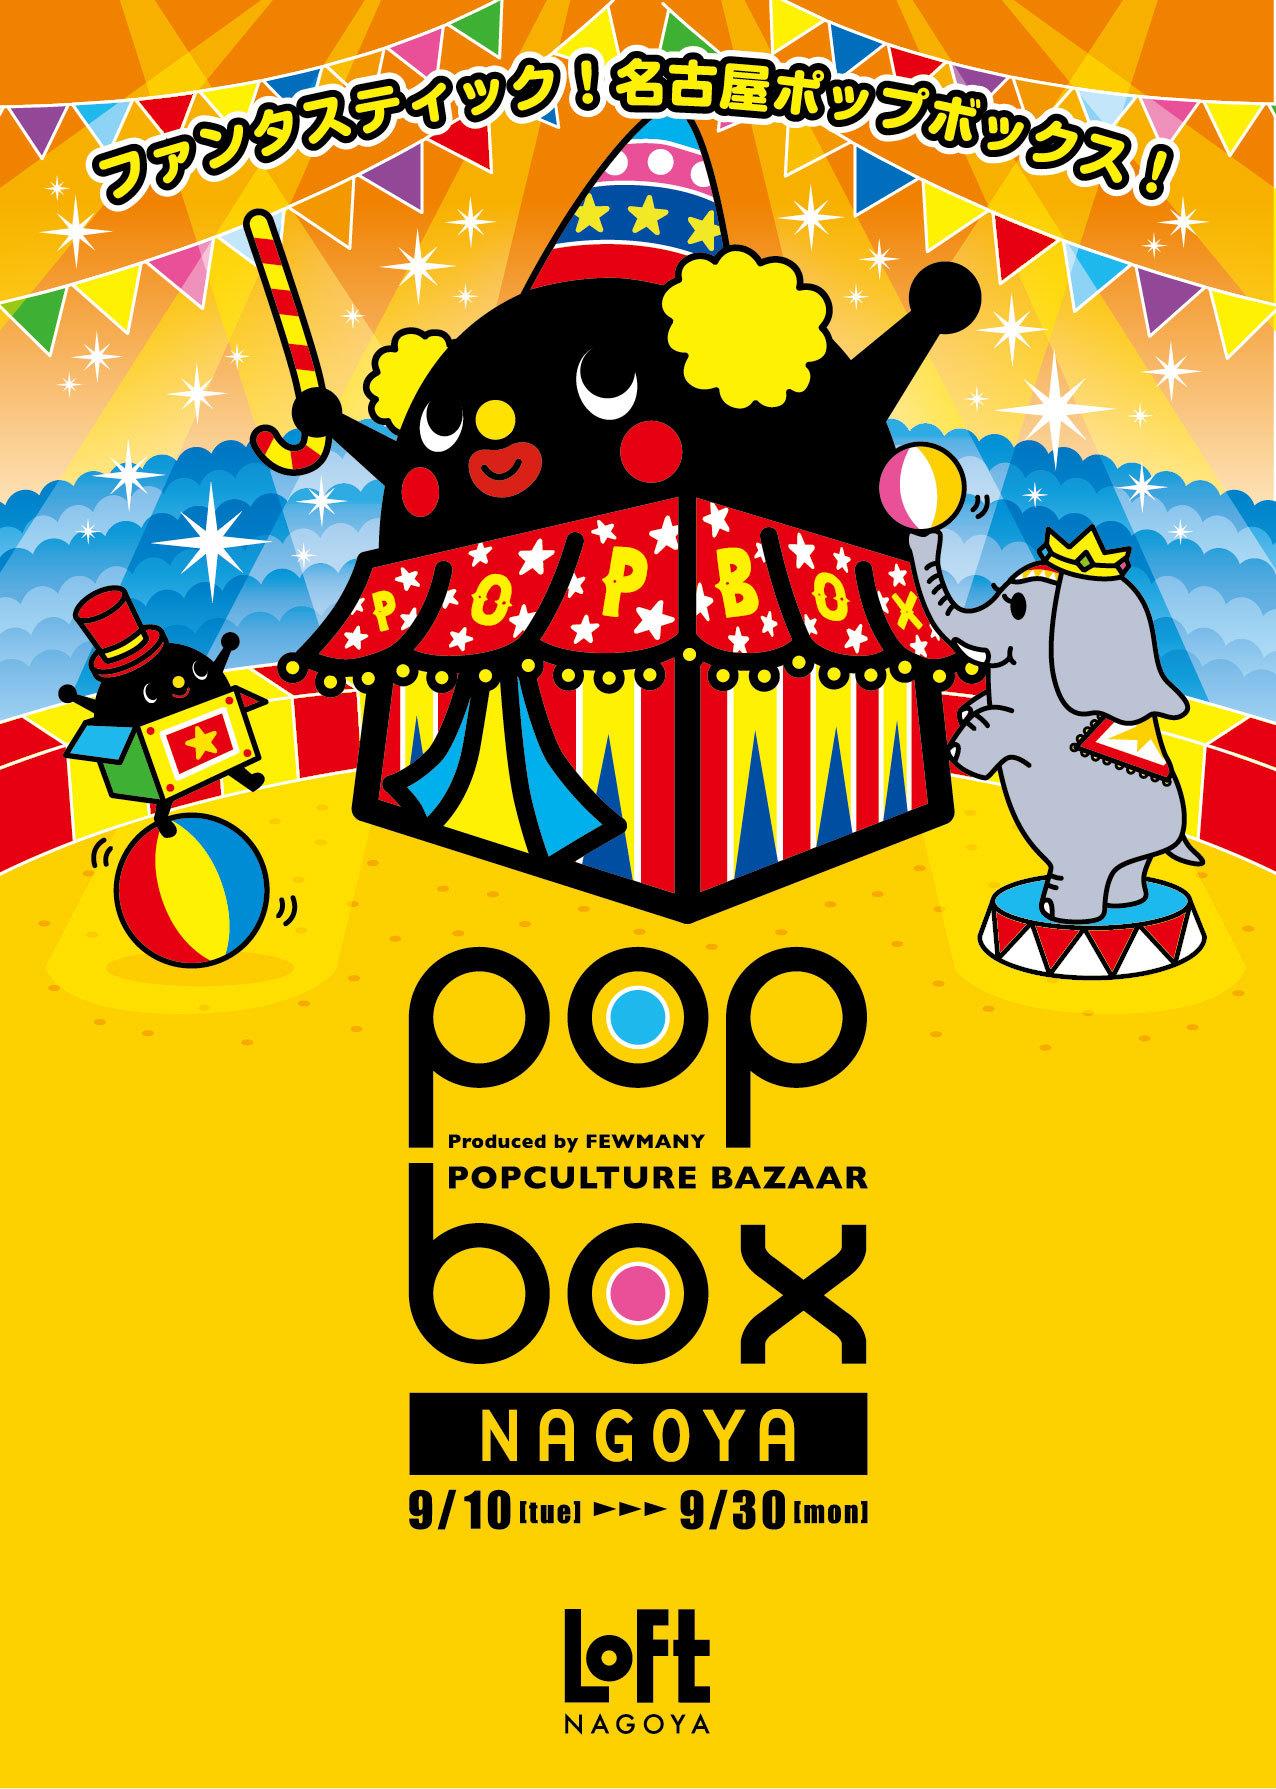 ロフト名古屋「POPBOX」開催いたします!_f0010033_17591733.jpg